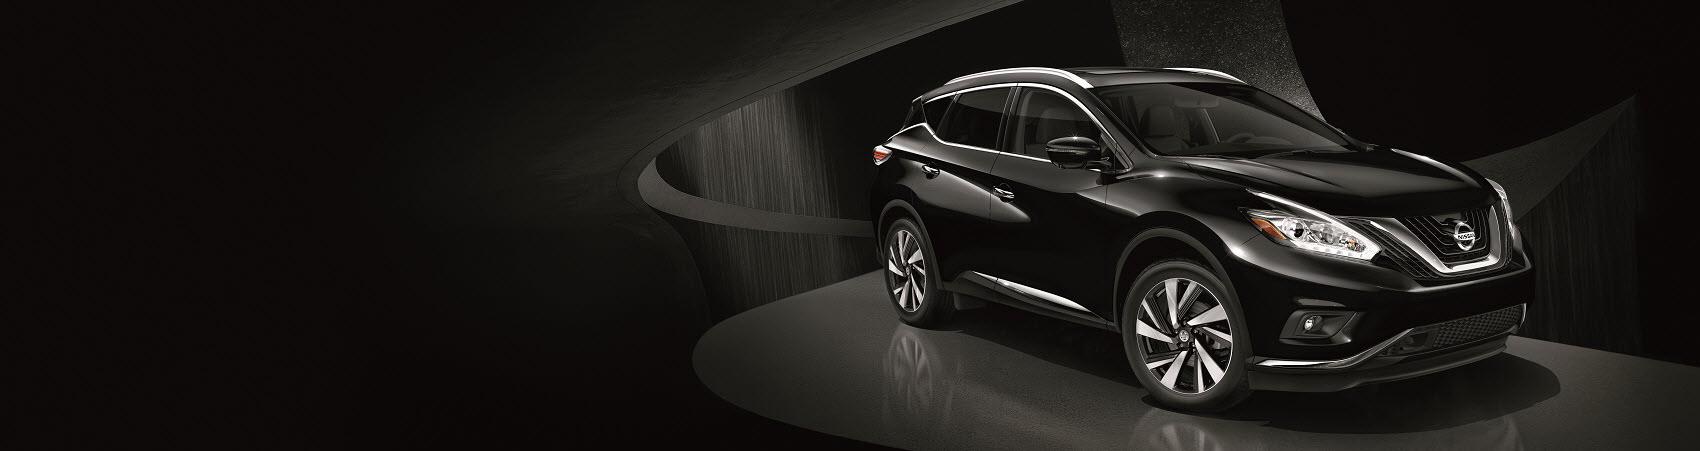 Nissan Murano Black